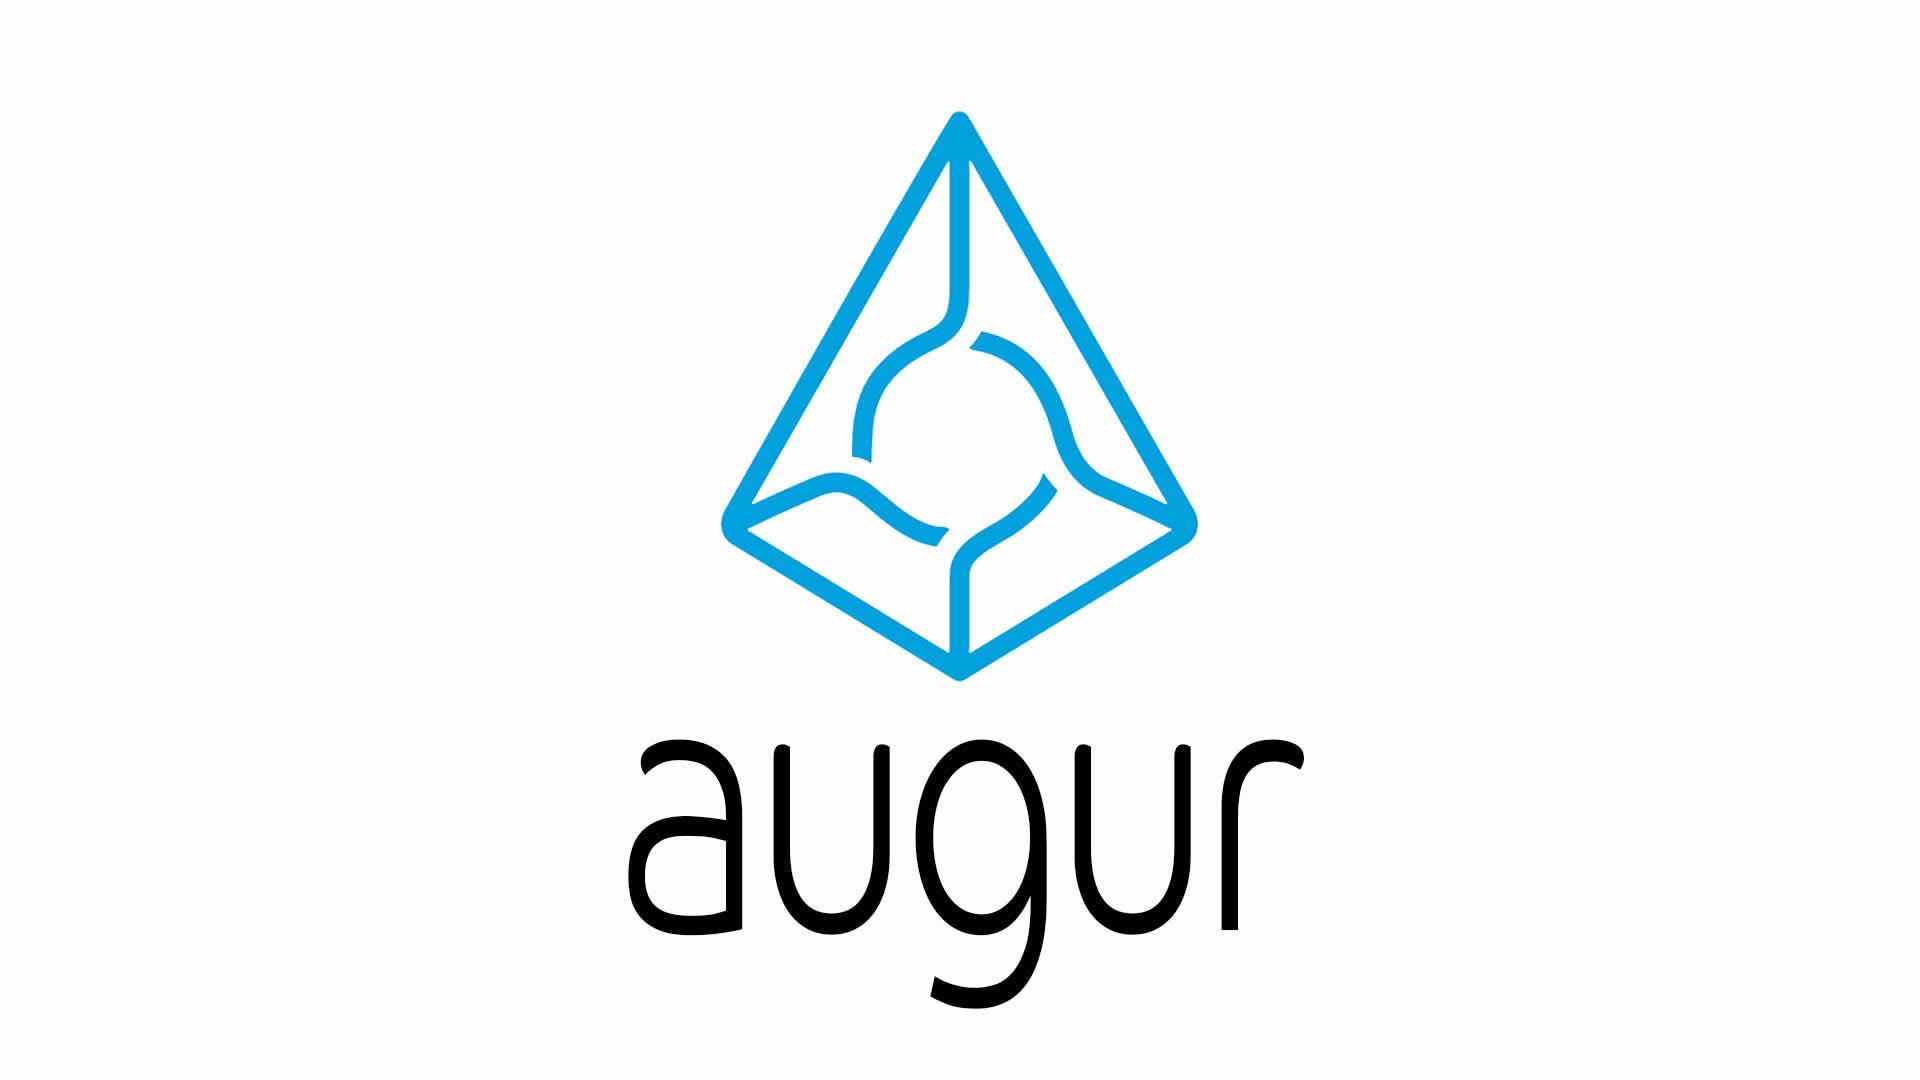 仮想通貨オーガー(Augar/REP)、2018年のイベントやロードマップは?